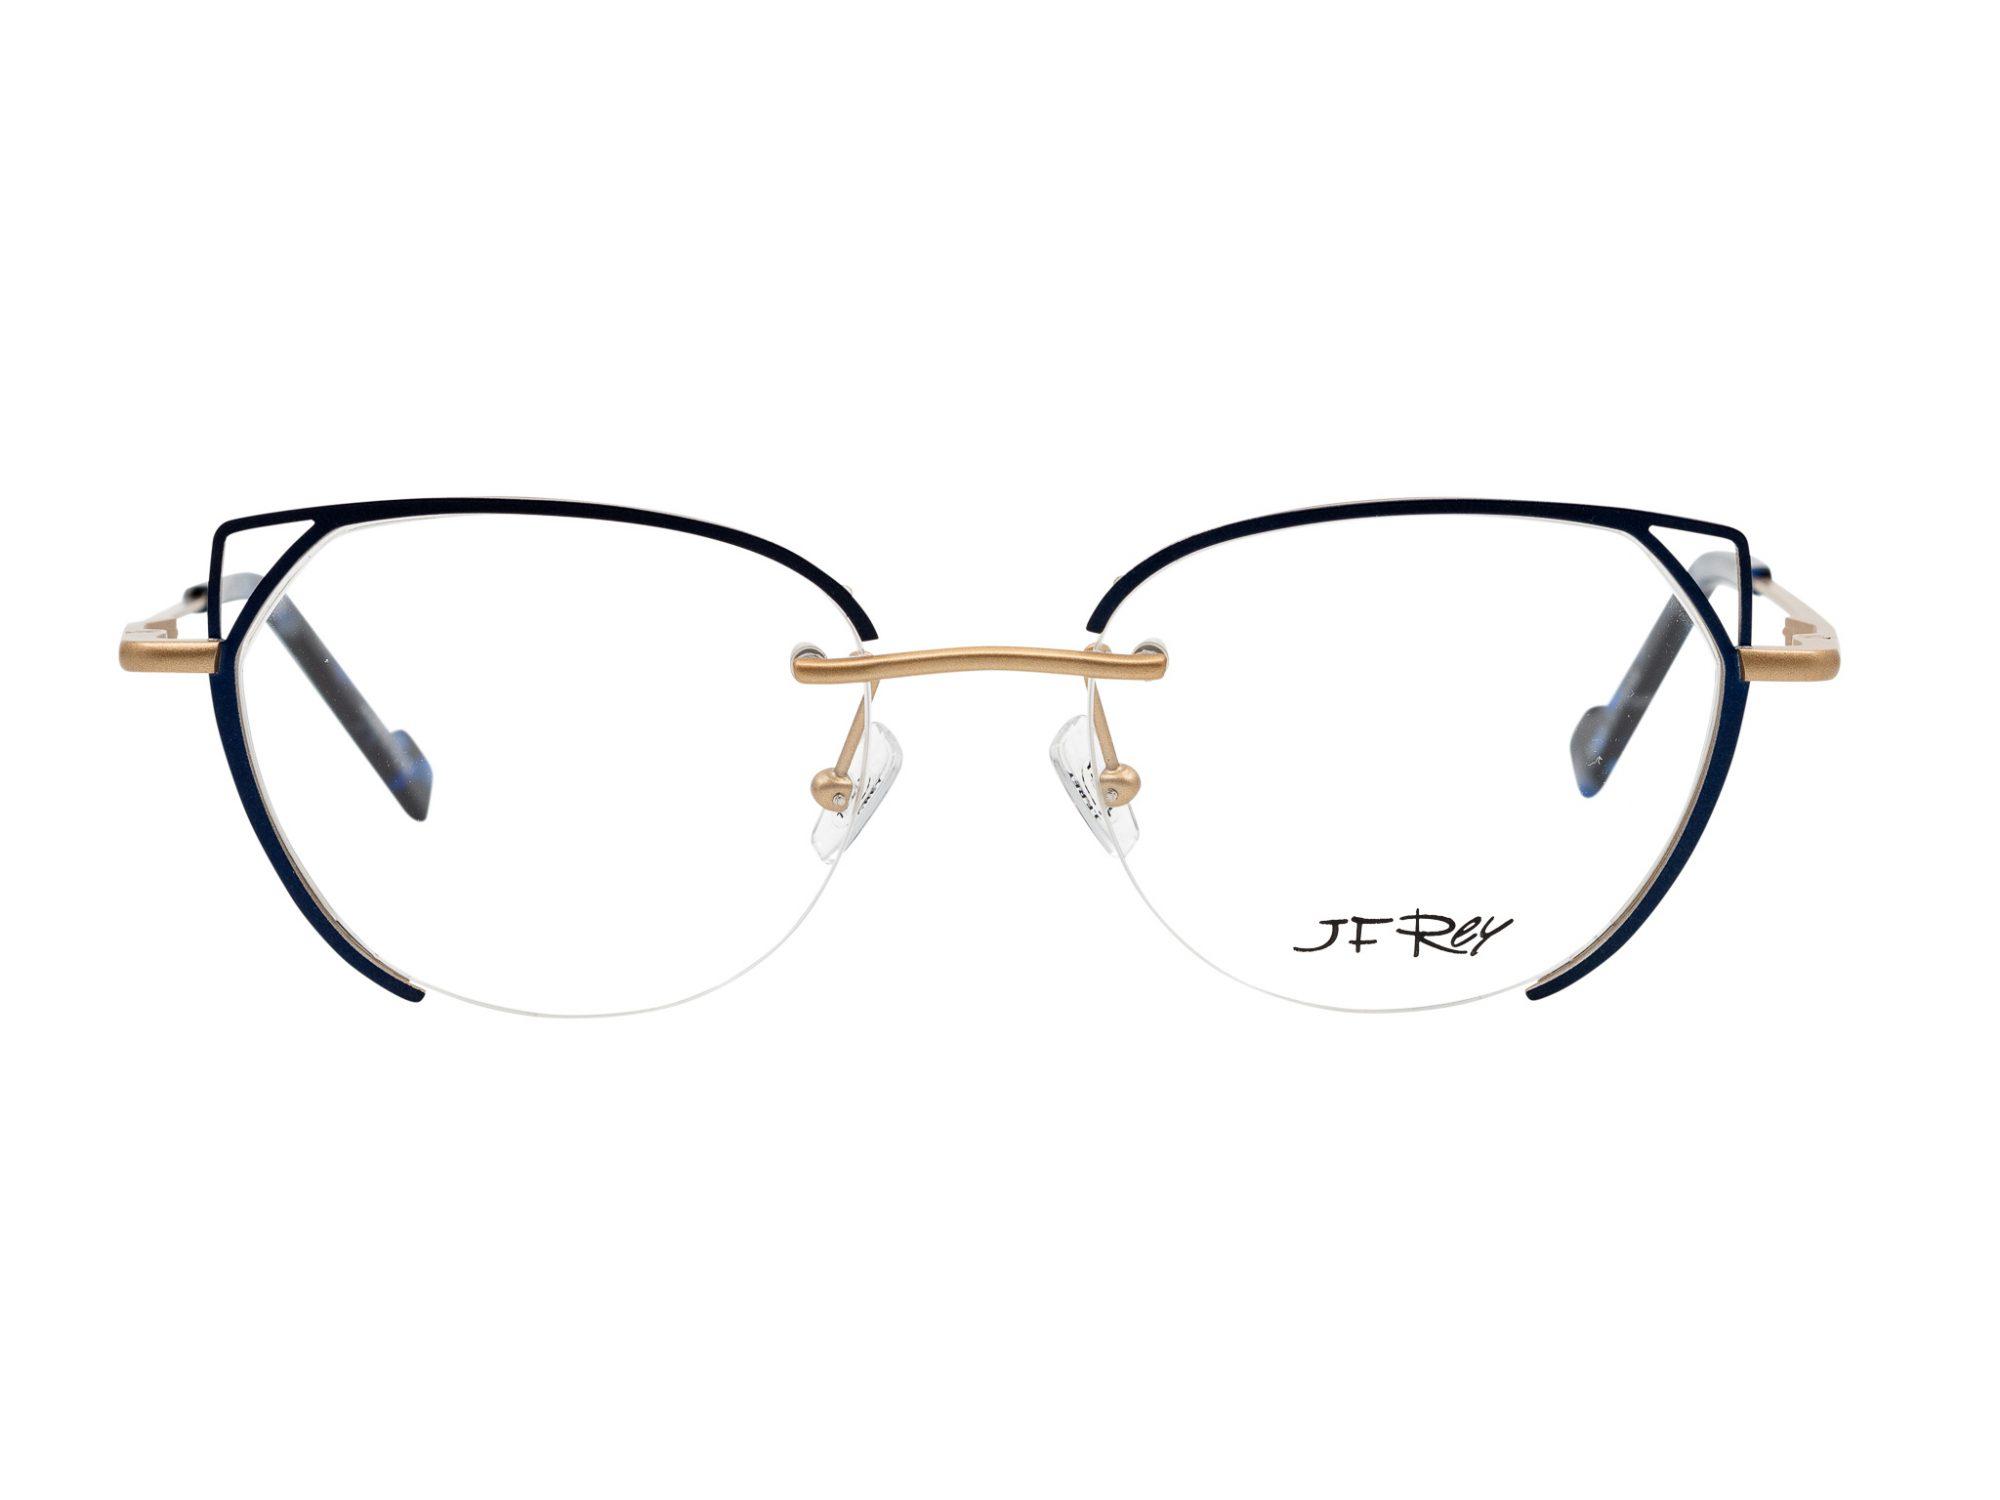 JF Rey JF2864 2055